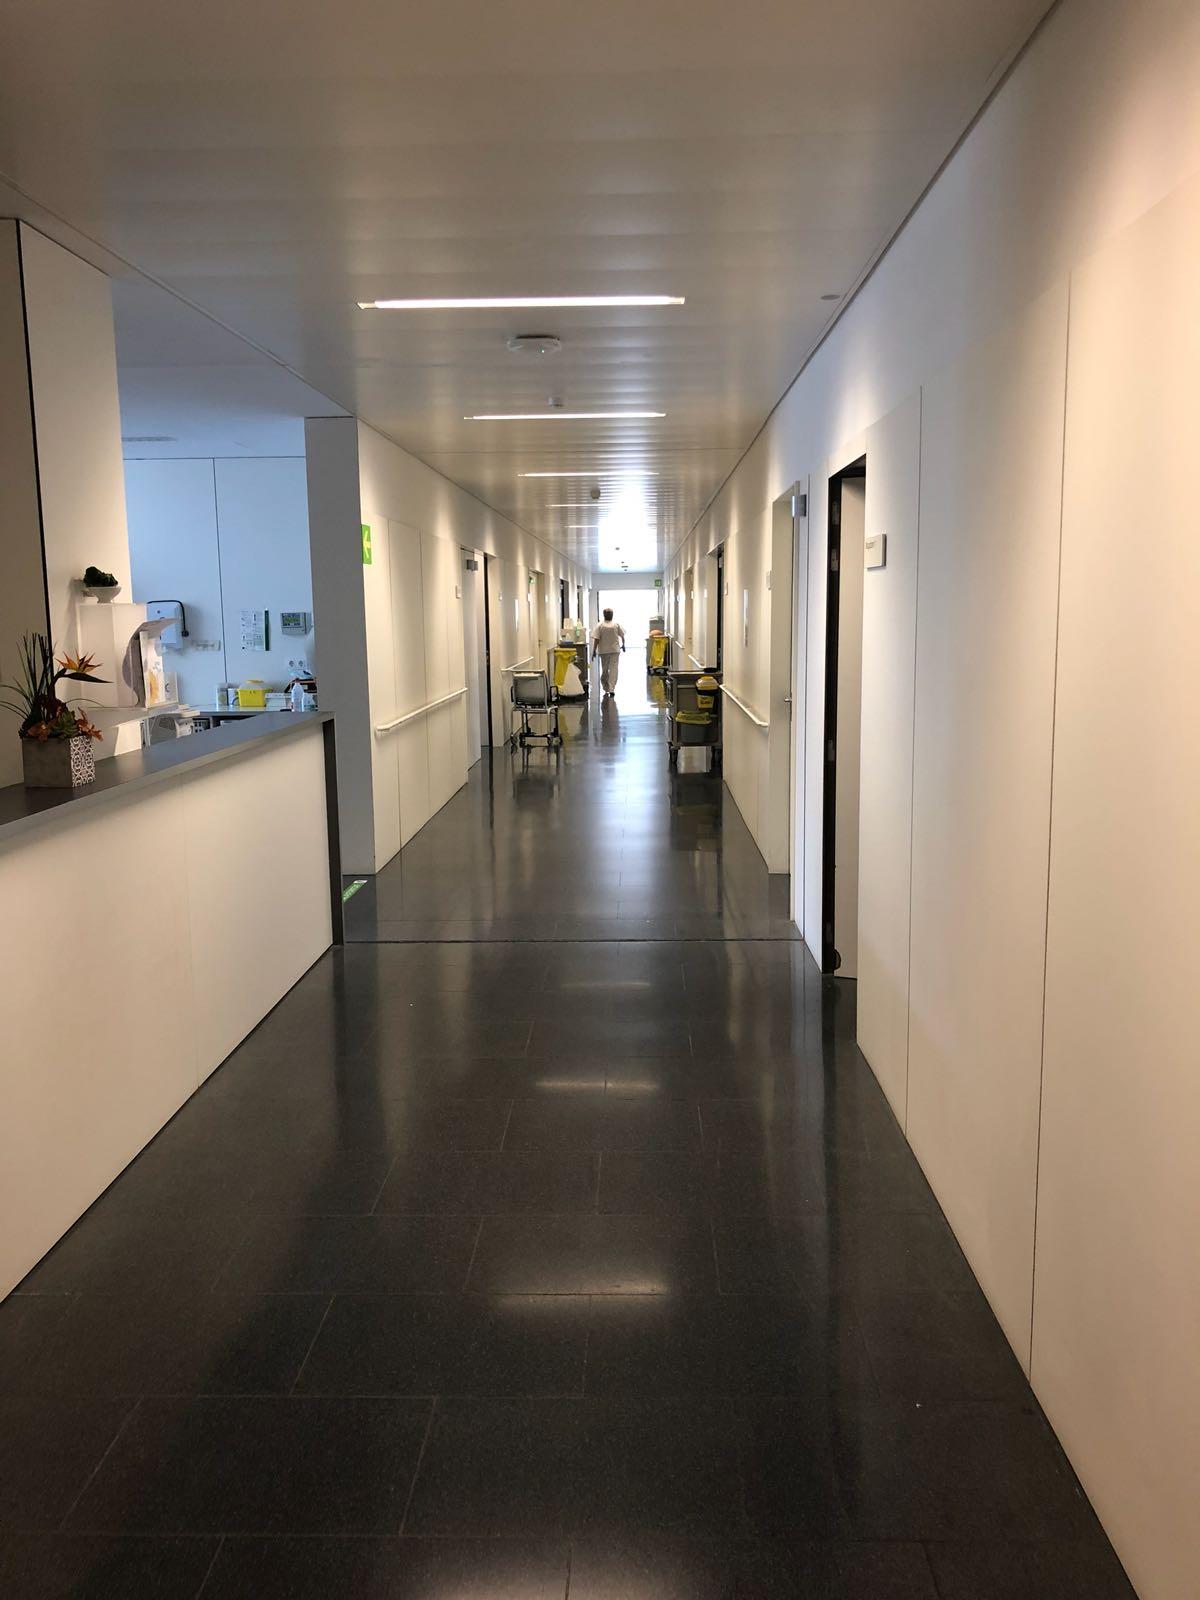 Unitat d'hospitalització 2